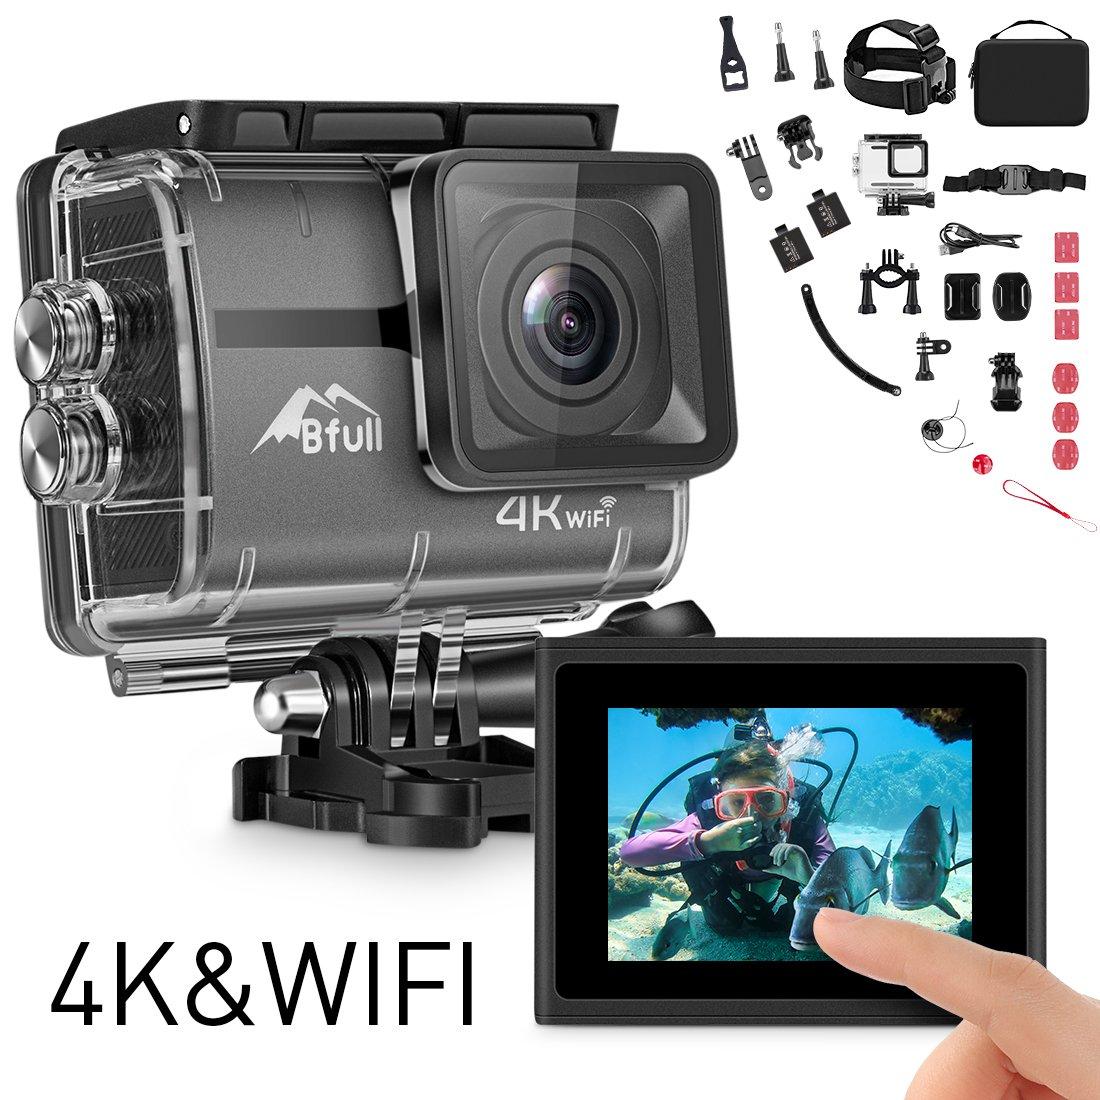 BFULL Action Cam 4K Ultra Full HD Unterwasserkamera 20MP Wifi Action Kamera Wasserdicht Sport Helmkamera 170° Weitwinkel mit 2 Akku und kostenloses Zubehör Kits GRP018